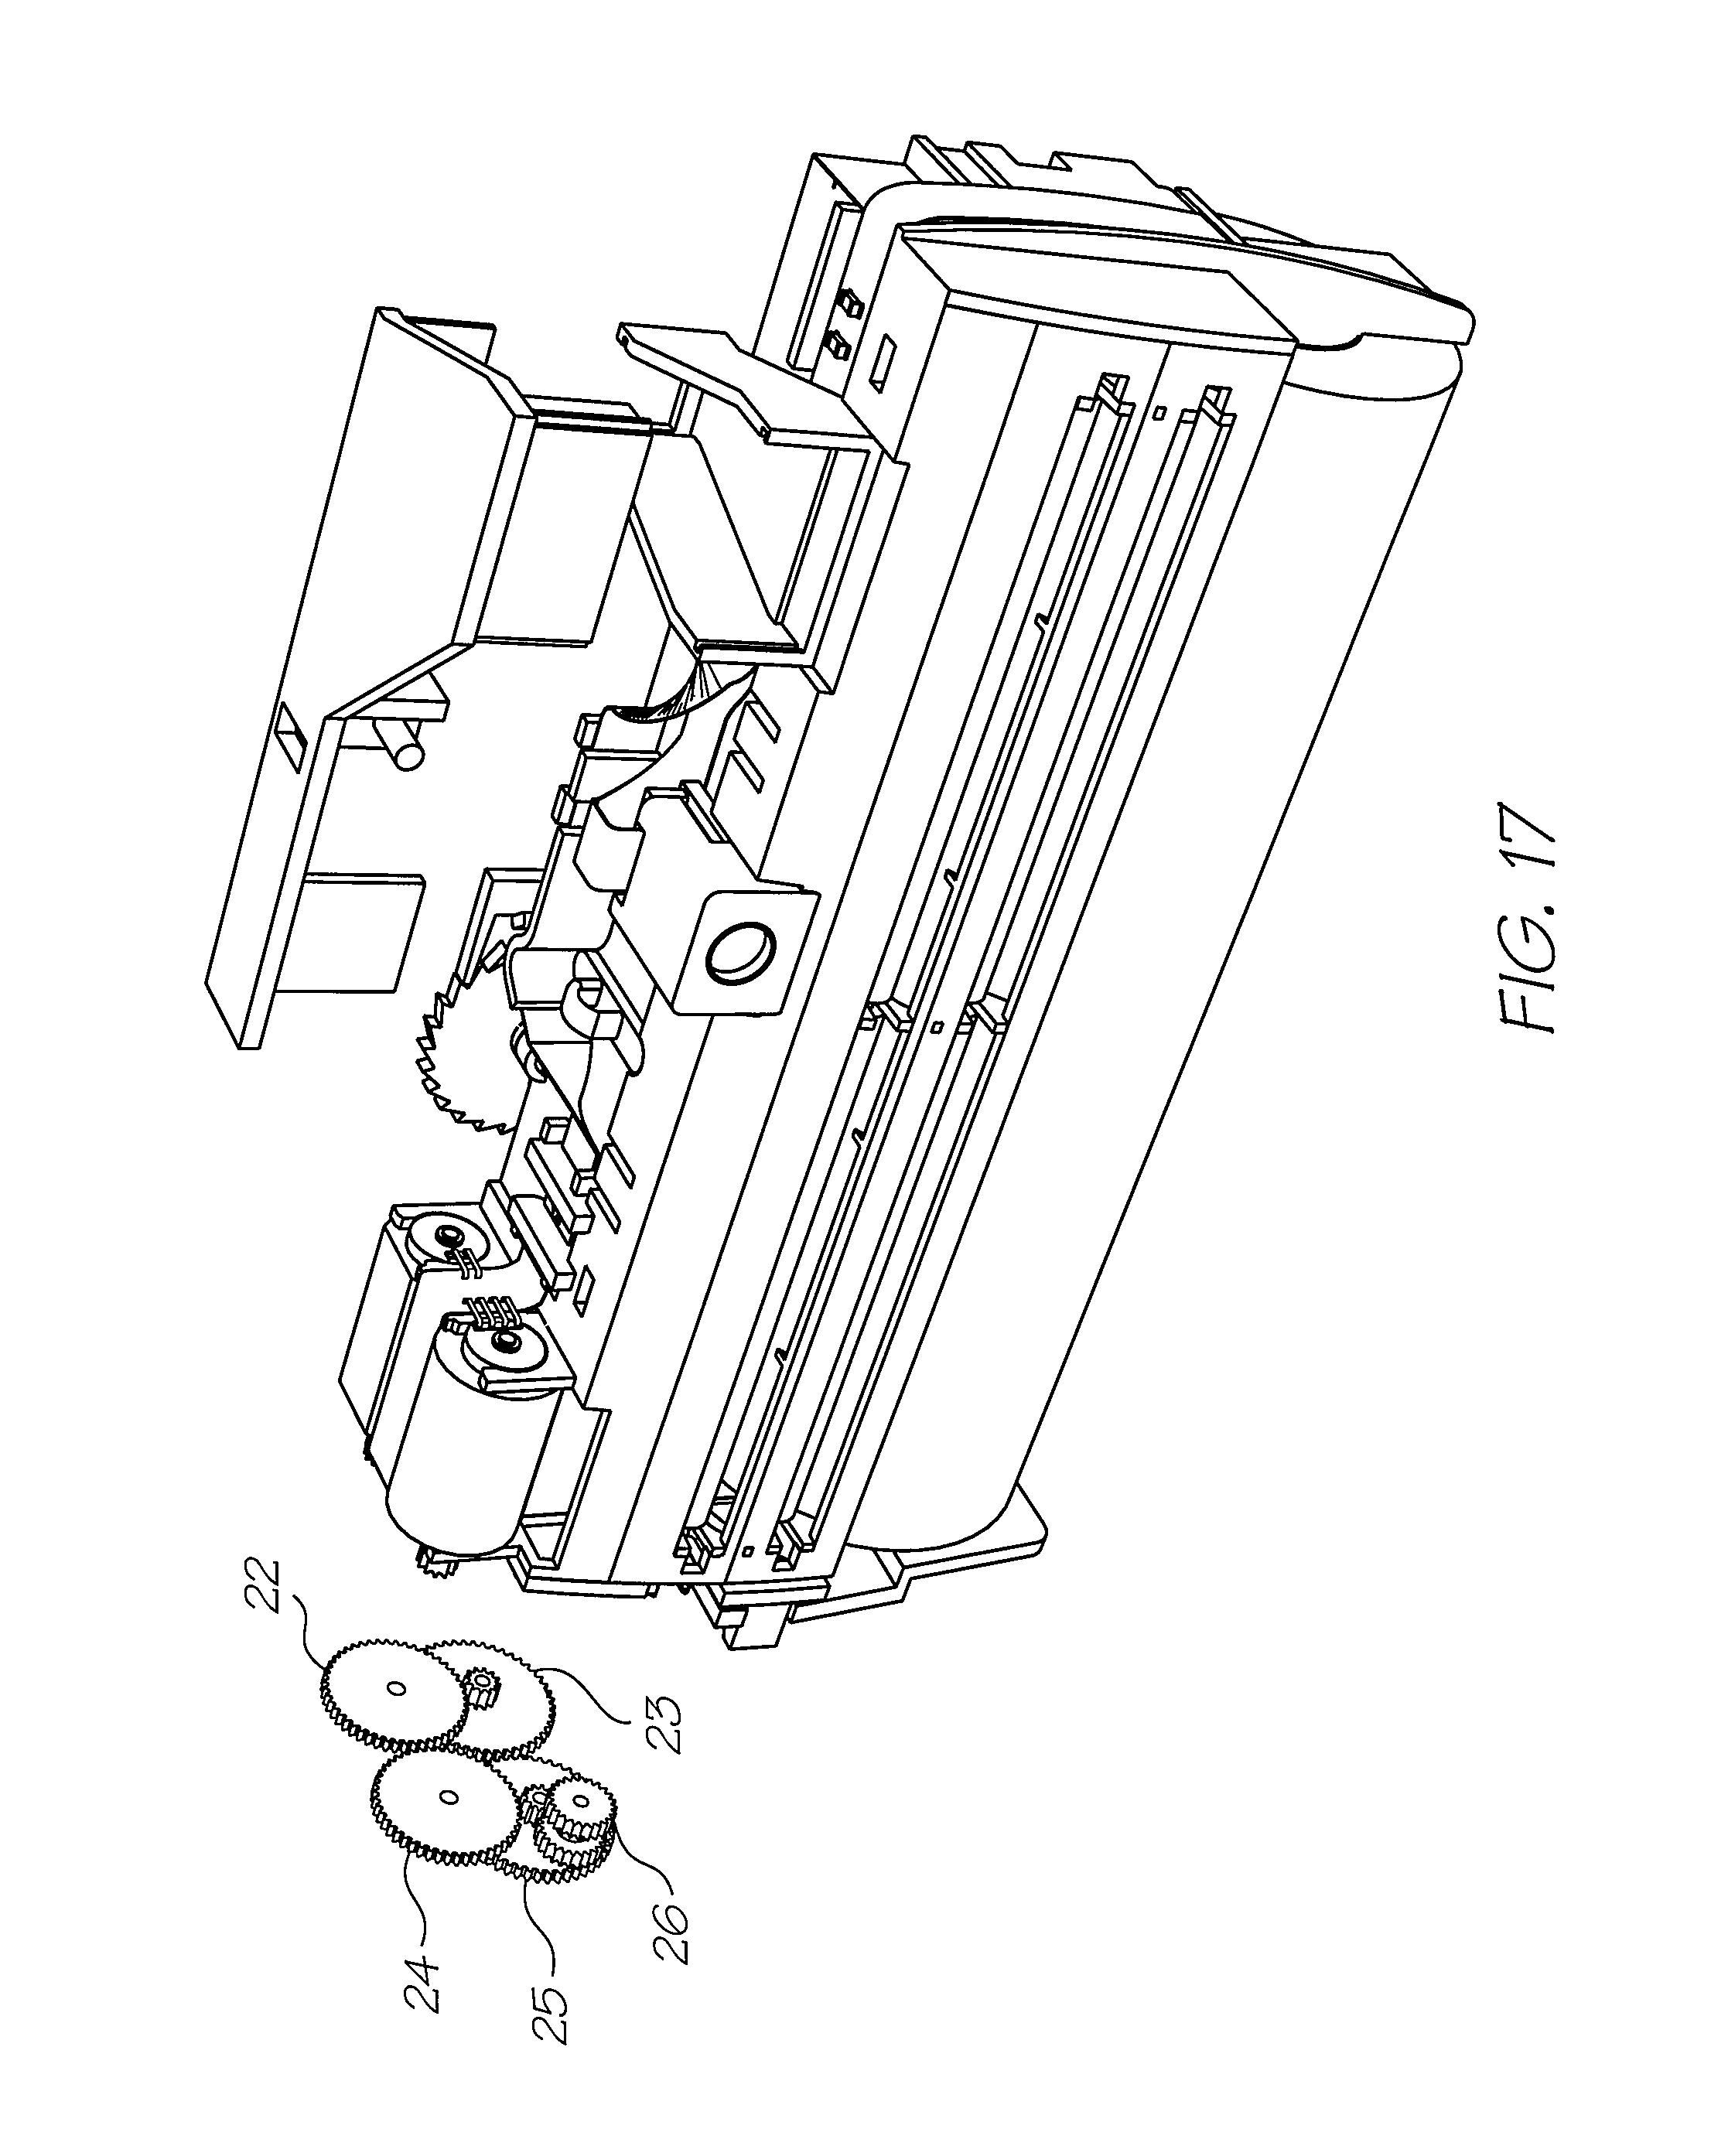 Mach z wiring diagram wiring diagrams schematics